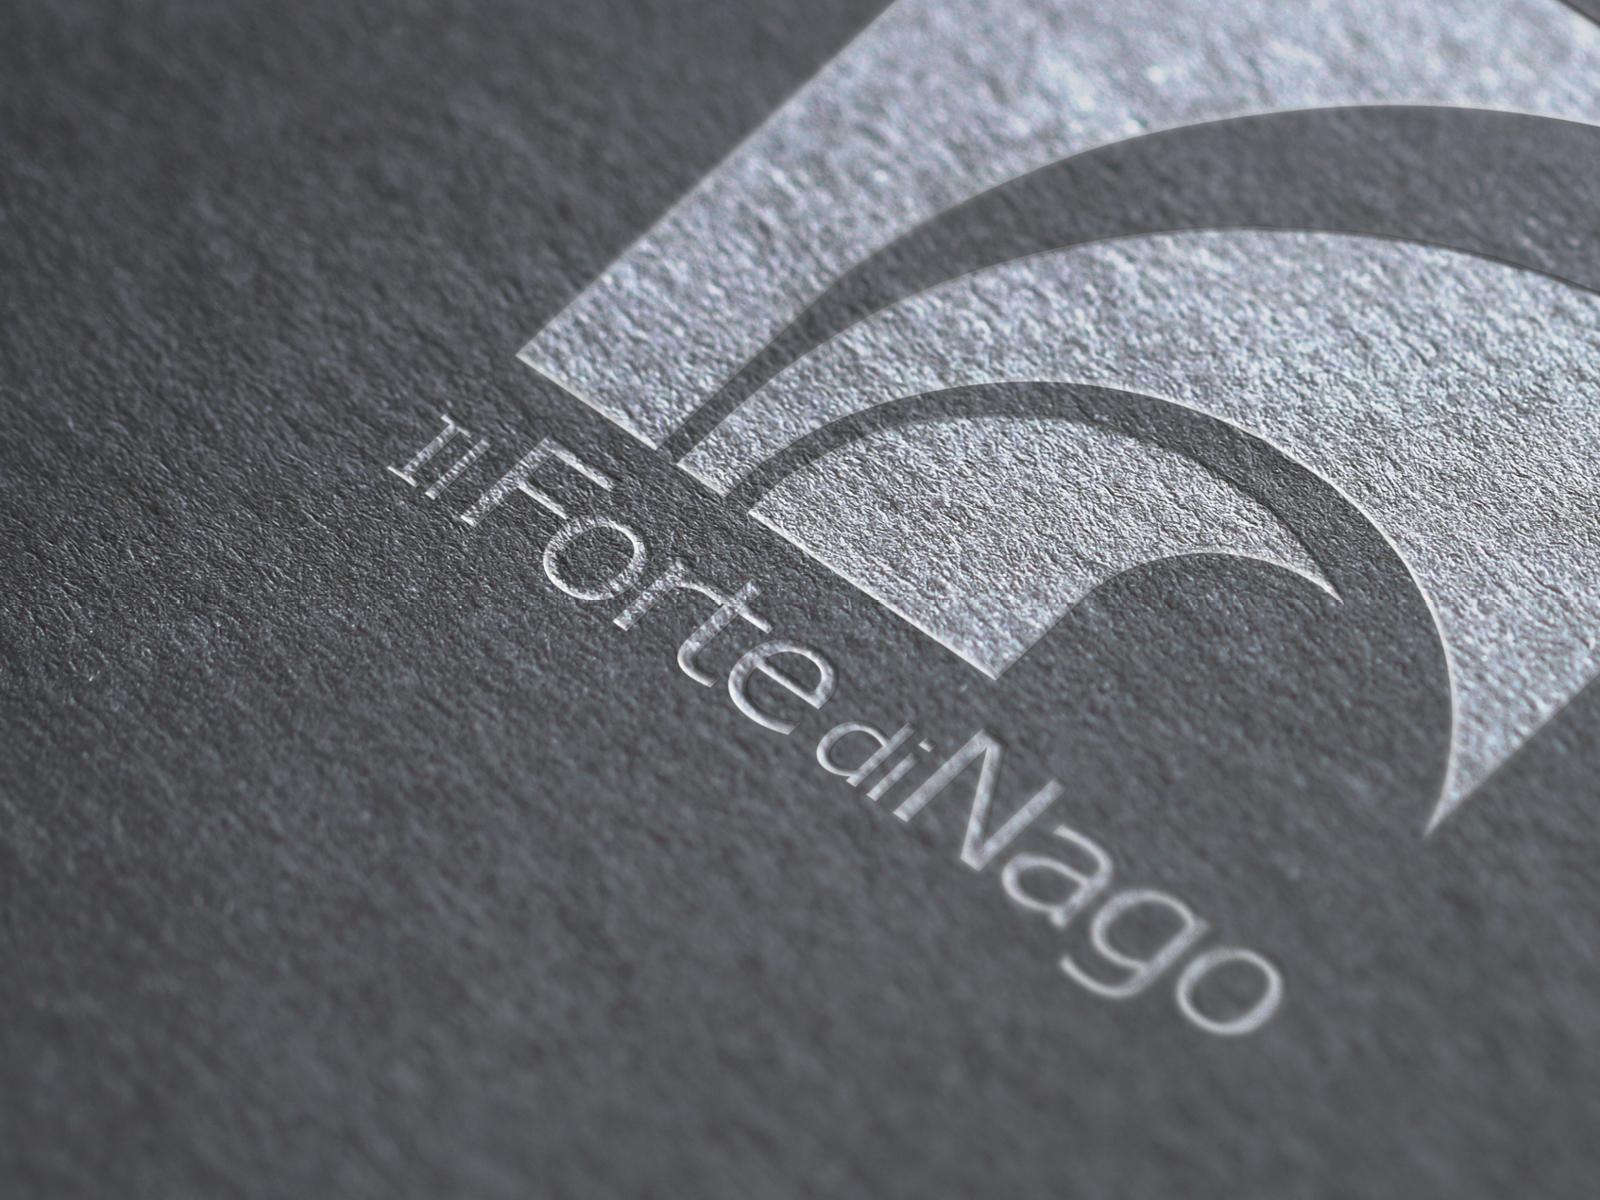 particolare del logo del forte di nago stampato su carta materica in colore bianco, progettato dalla agenzia diadestudio di arco trento